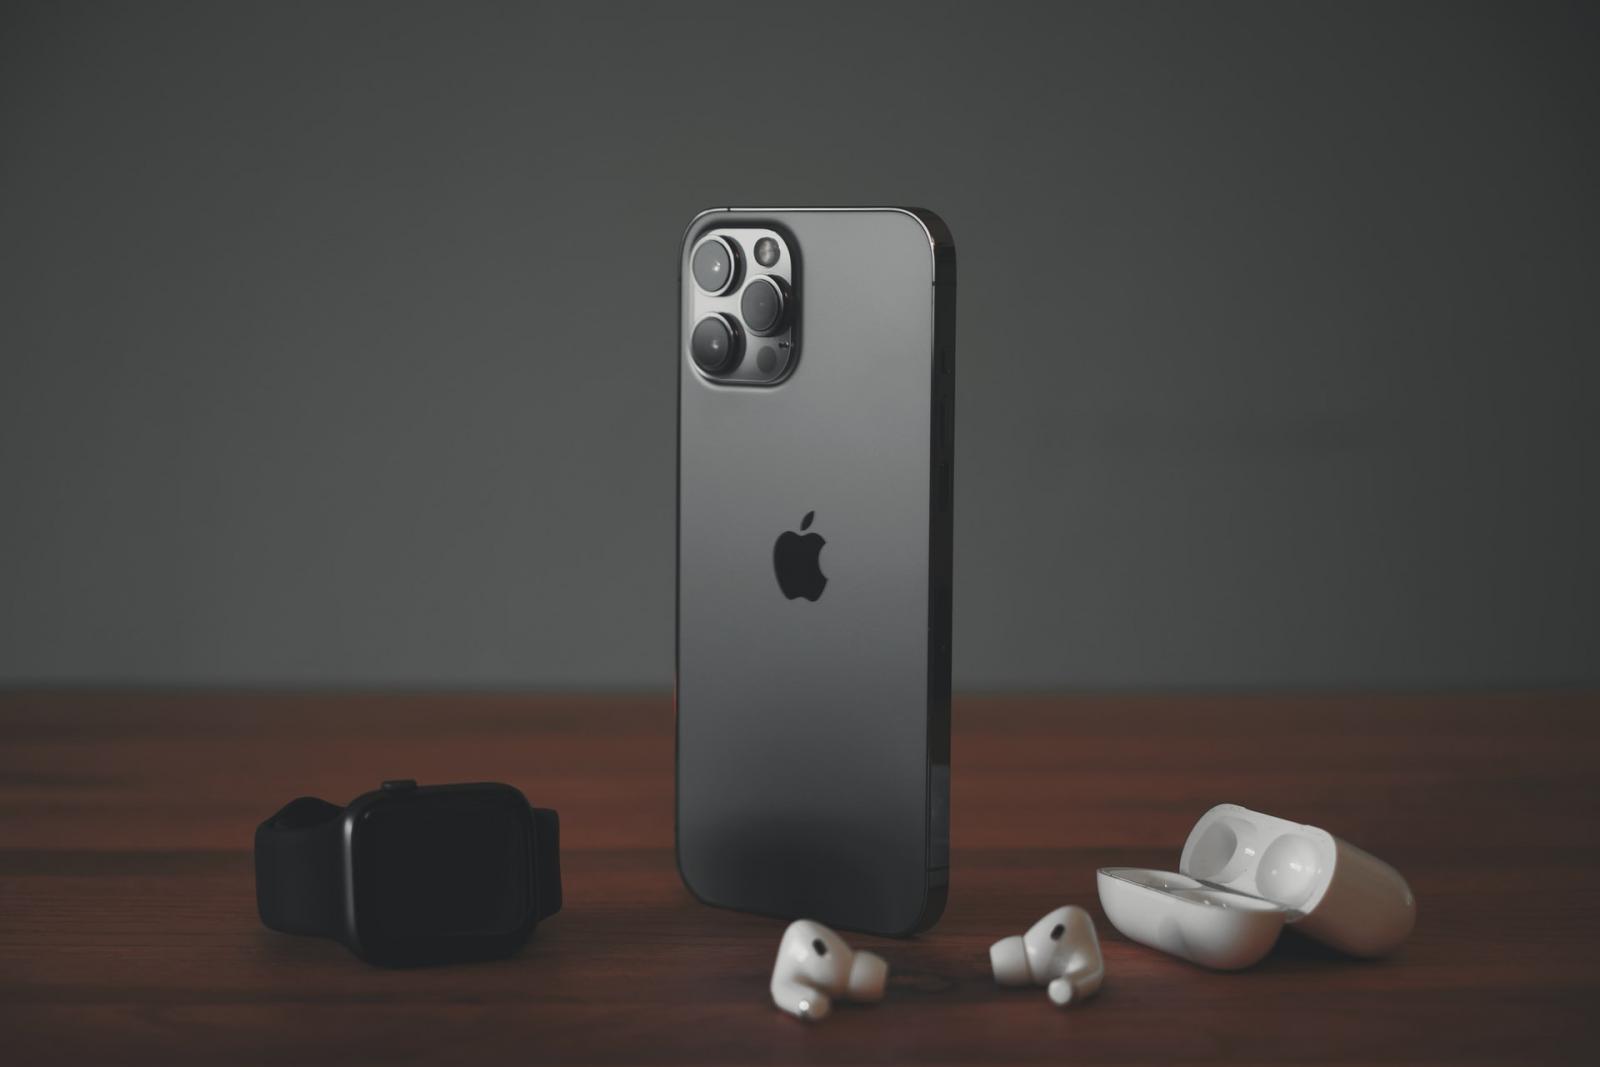 【快訊】想換手機再等等!蘋果、三星多家品牌旗艦機將登場